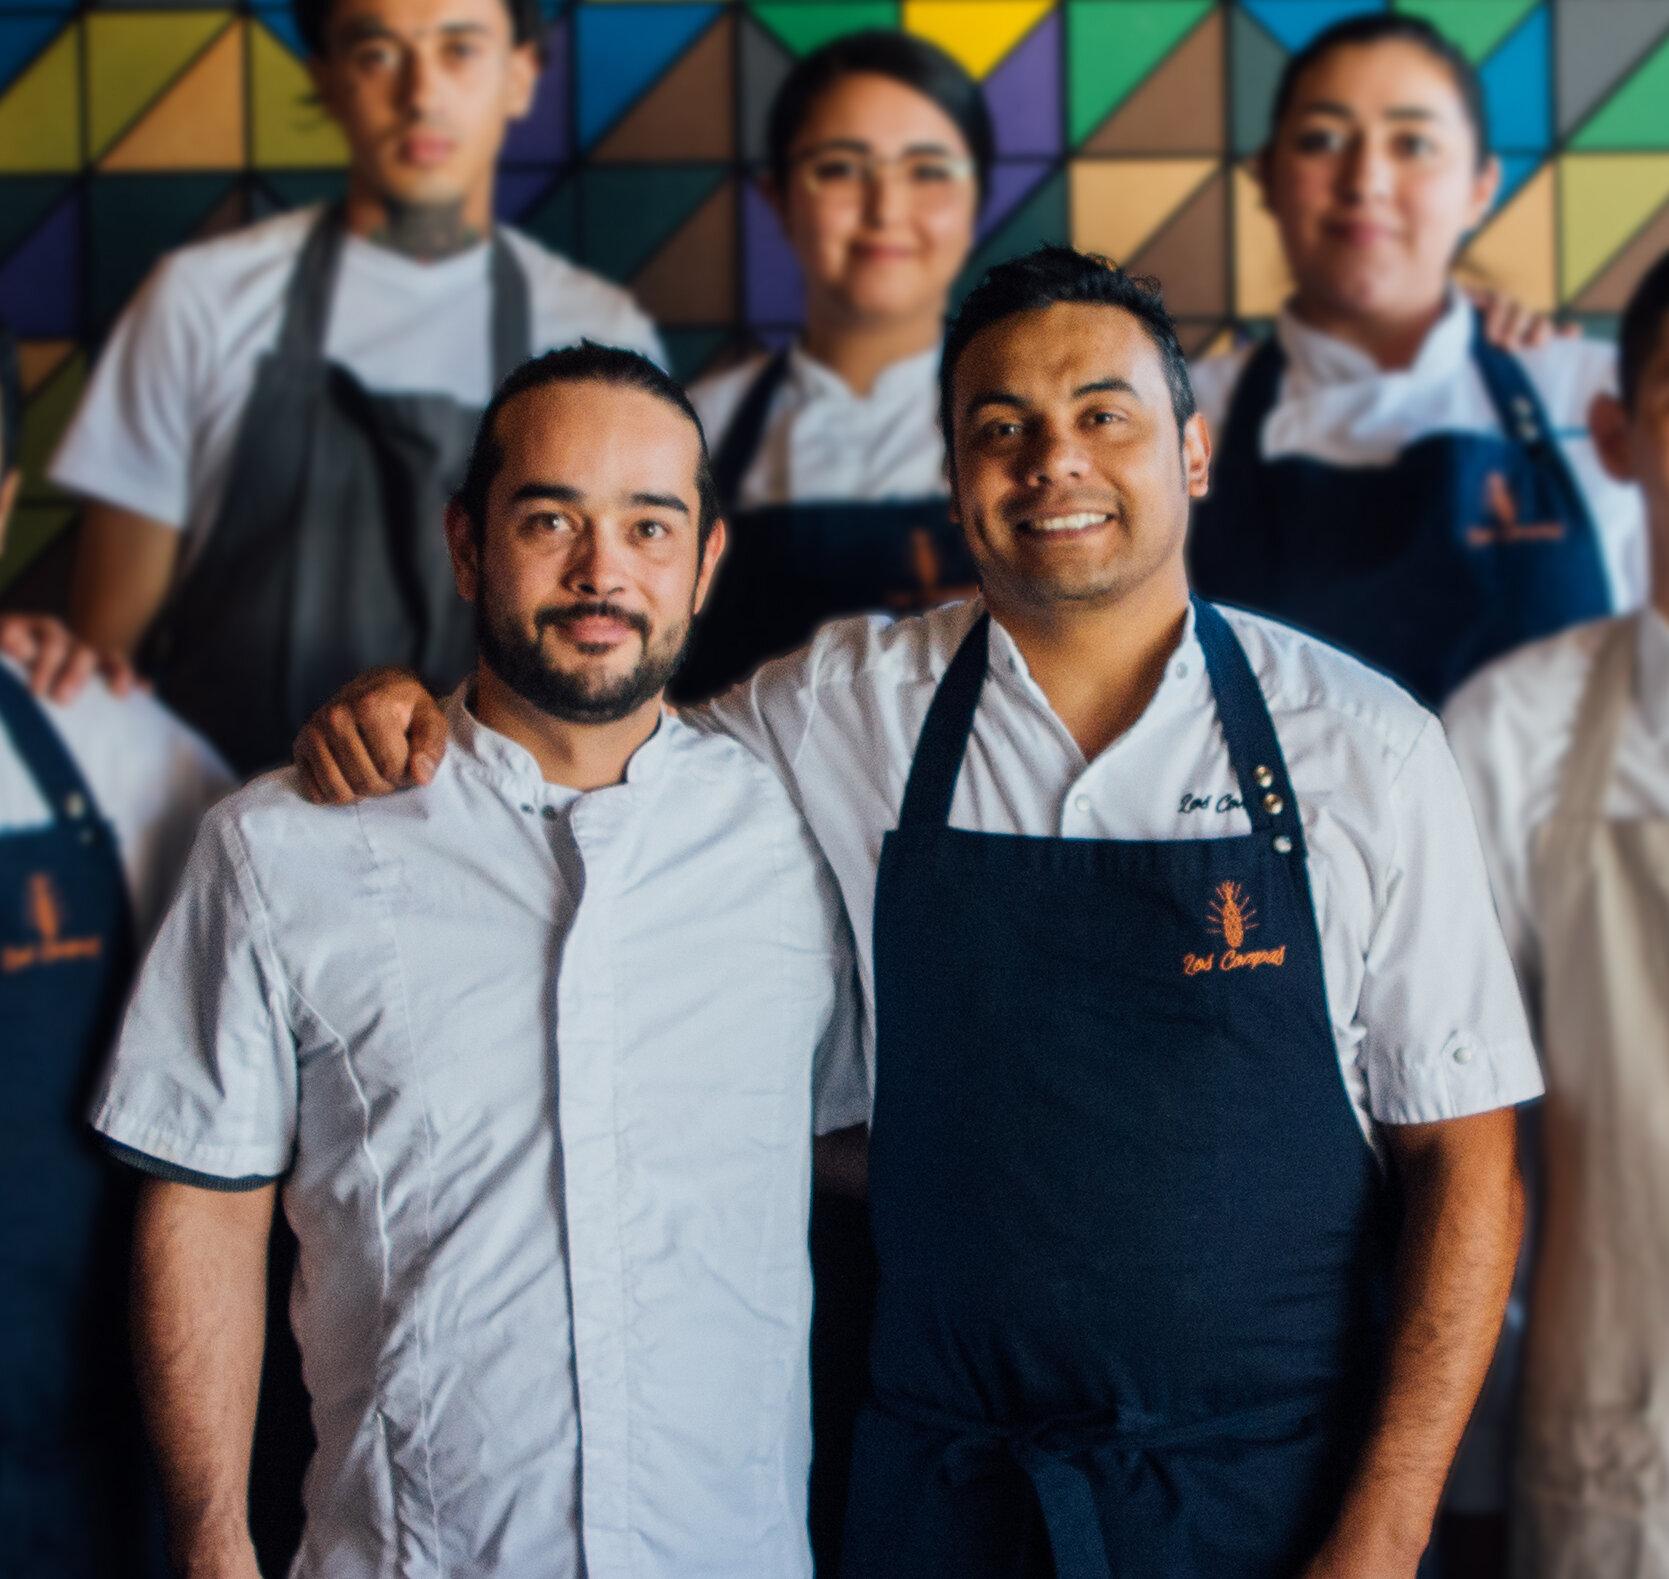 Los Compas TJ - Los Compas es una propuesta de cocina creativa de los Chef Mario Peralta y Juan Cabrera basada en platillos tradicionales elaborados de maíz, combinando el uso de ingredientes del centro del país y la Baja California.Los Compas está ubicado en el Centro Comercial Rocasa de la ciudad de Tijuana, Baja California.Conoce más sobre sus trayectorias aquí.